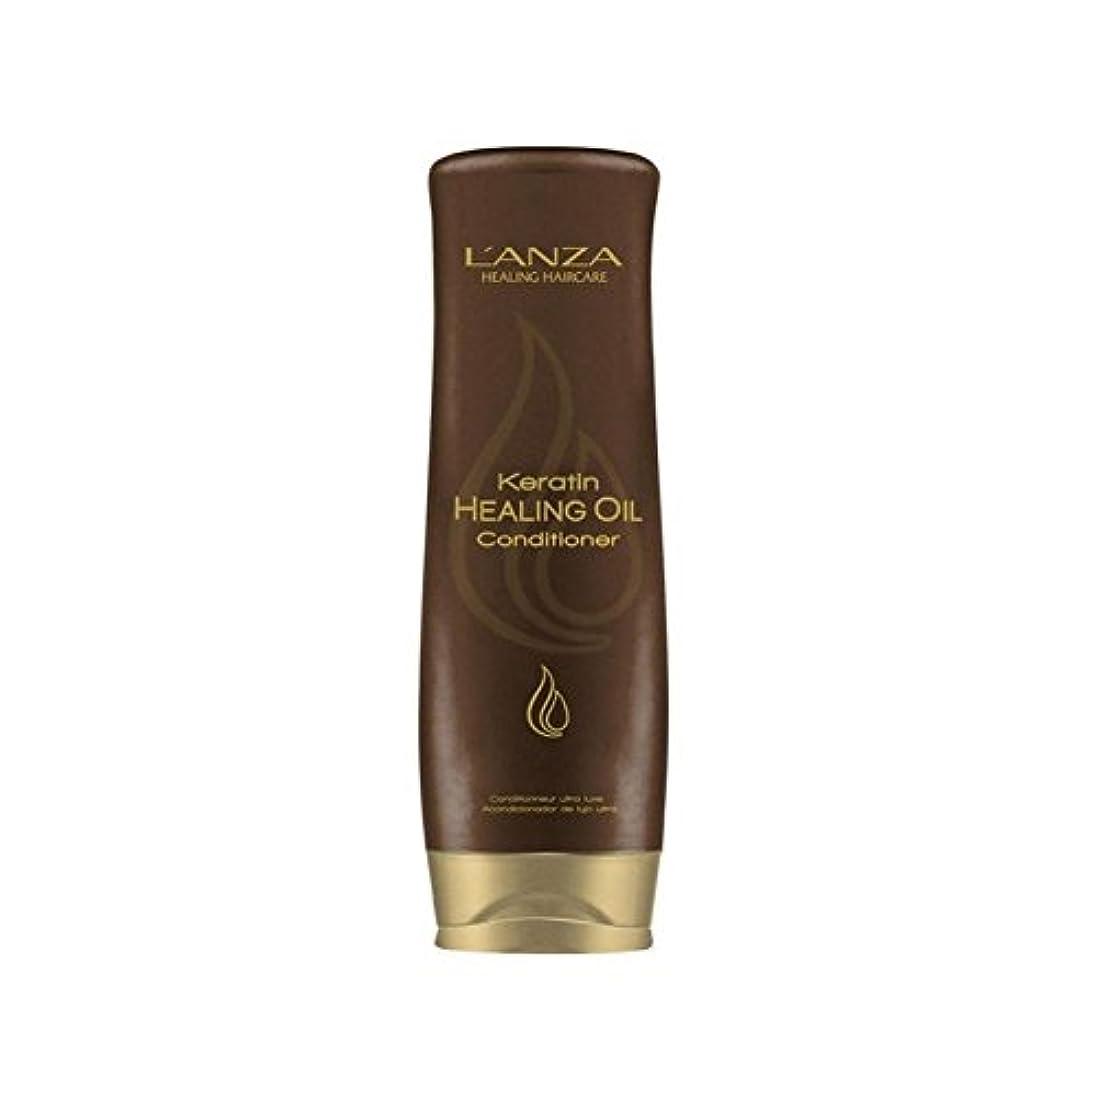 故障薄い兄L'Anza Keratin Healing Oil Conditioner (250ml) (Pack of 6) - アンザケラチンオイルコンディショナー(250ミリリットル)を癒し x6 [並行輸入品]